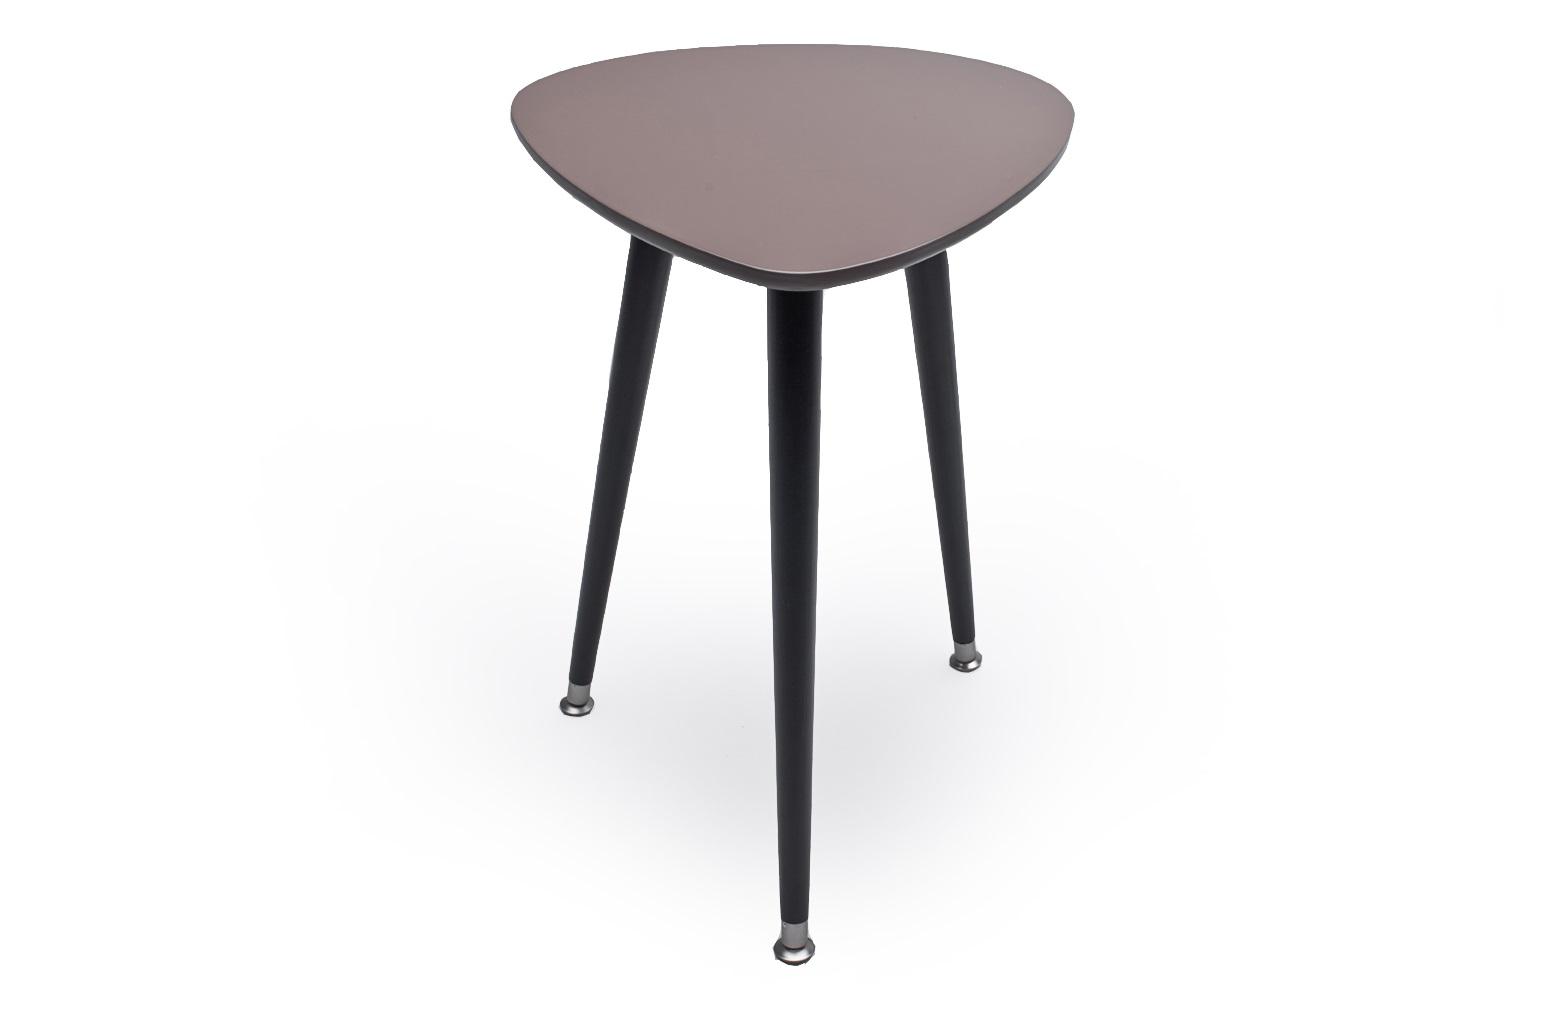 СТОЛ КАПЛЯКофейные столики<br>Столик Капля имеет обтекаемую форму с закругленными краями и компактный размер, что дает возможность выбора в применении столика. Столешница выкрашена в яркие цвета. Легко собирается без шурупов и инструментов. Материал: Столешница – МДФ, краска; ножки – береза.<br><br>Material: МДФ<br>Ширина см: 43<br>Высота см: 57<br>Глубина см: 50